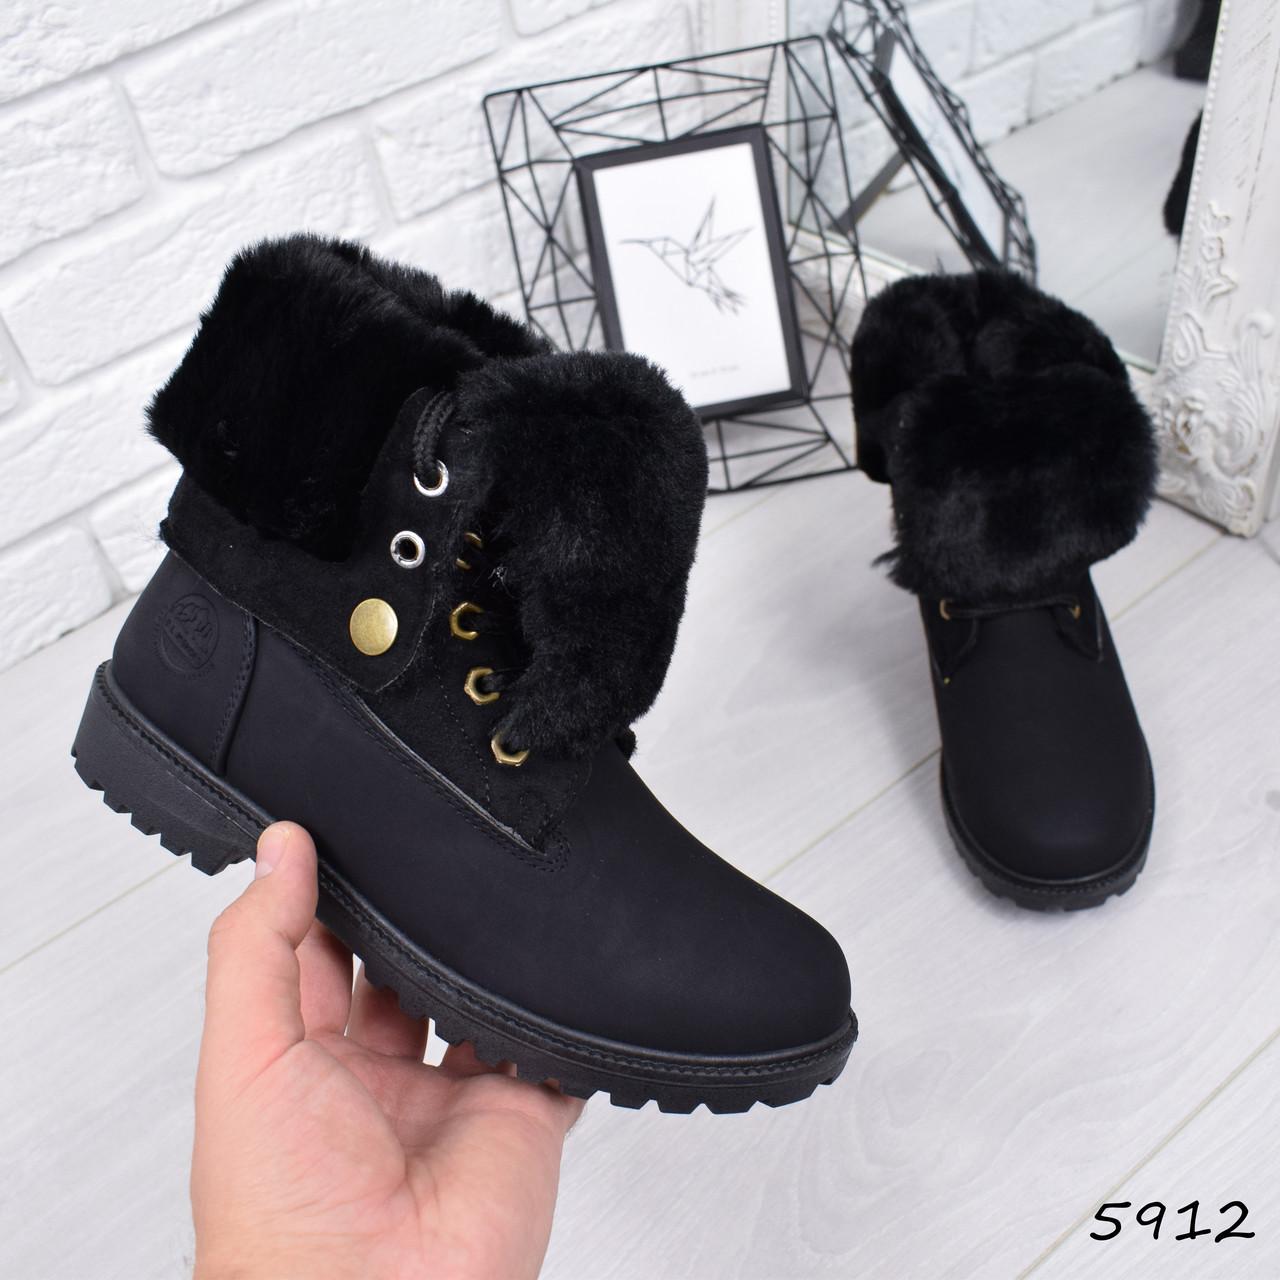 Ботинки женские Dressy черные 5912 ЗИМА р. 38